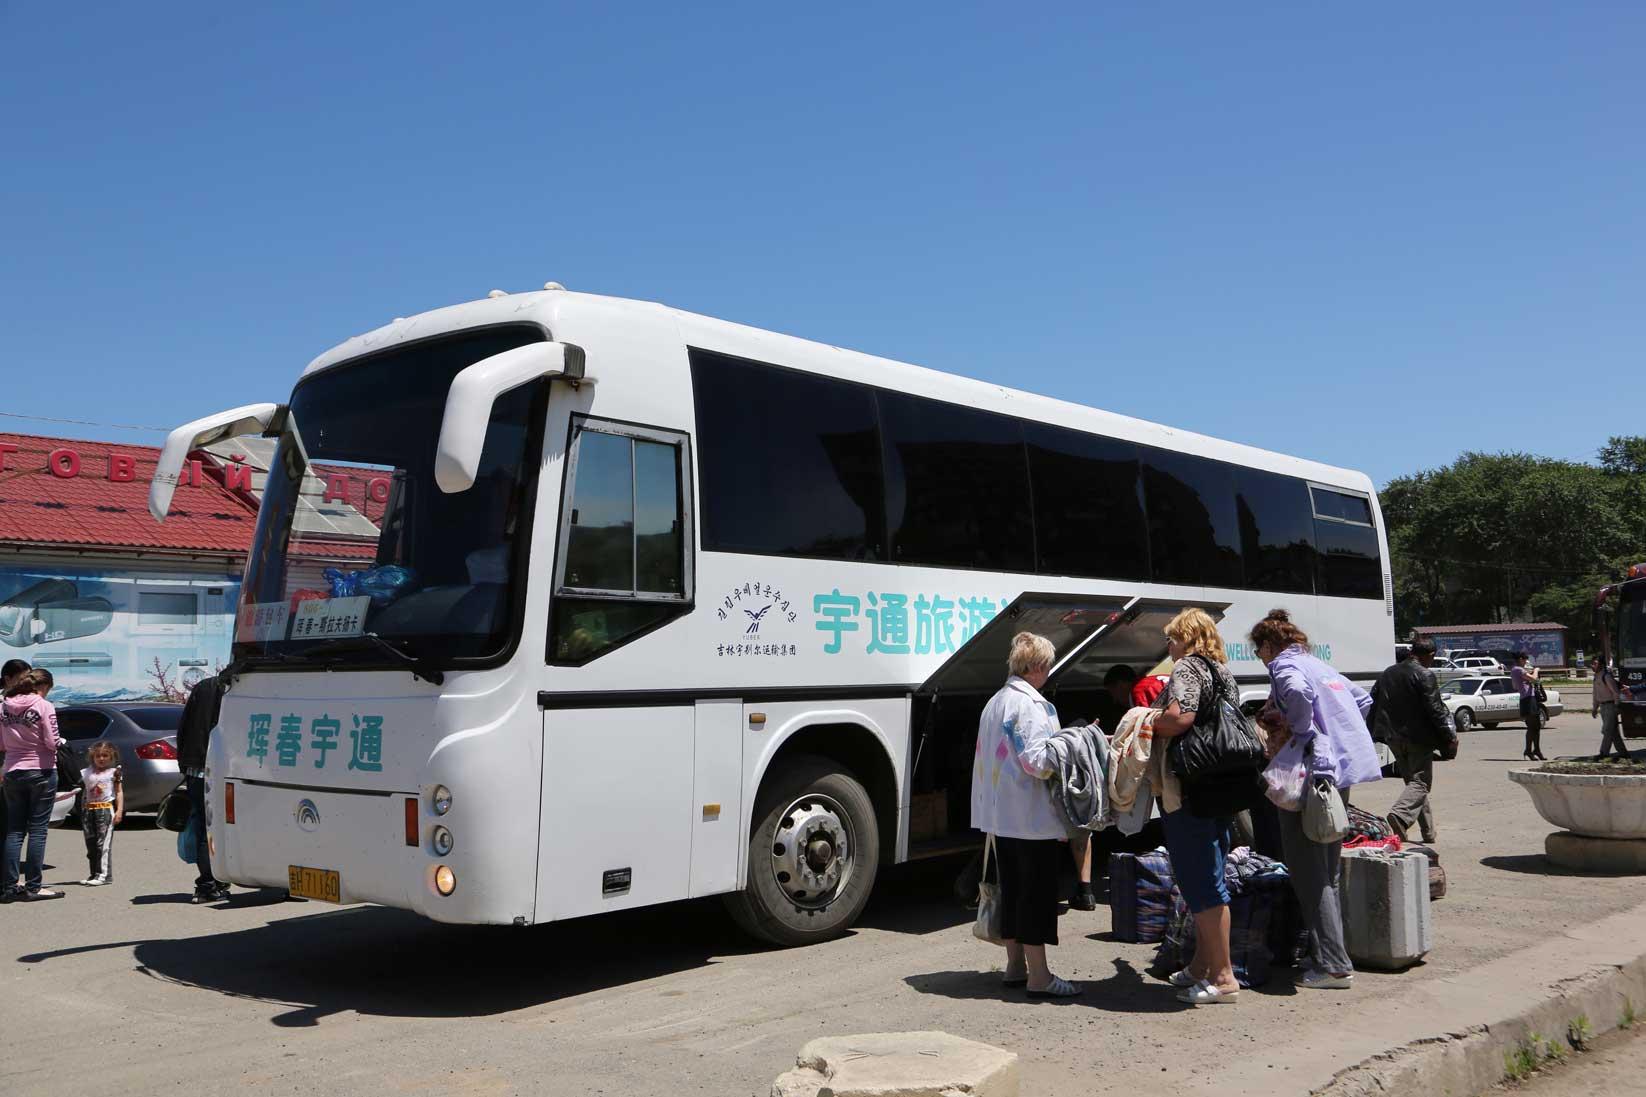 国境を越えるとこんなに風景が違うのか!?【中国からバスで行くウラジオストク(後編)】_b0235153_1847819.jpg